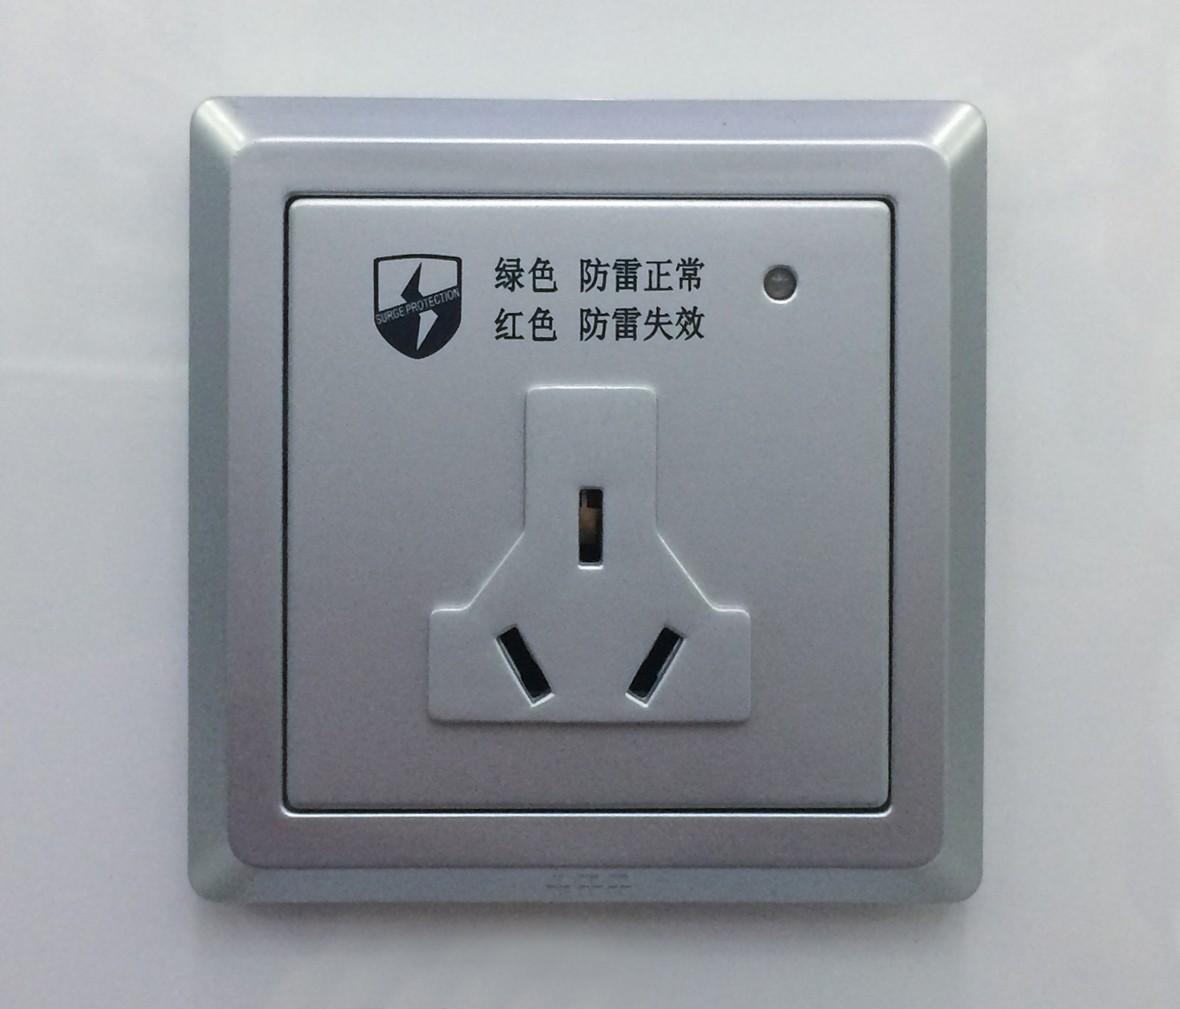 ABB 德艺系列银灰三孔防雷插座 电源插座 三孔插座 ABS材质 实拍